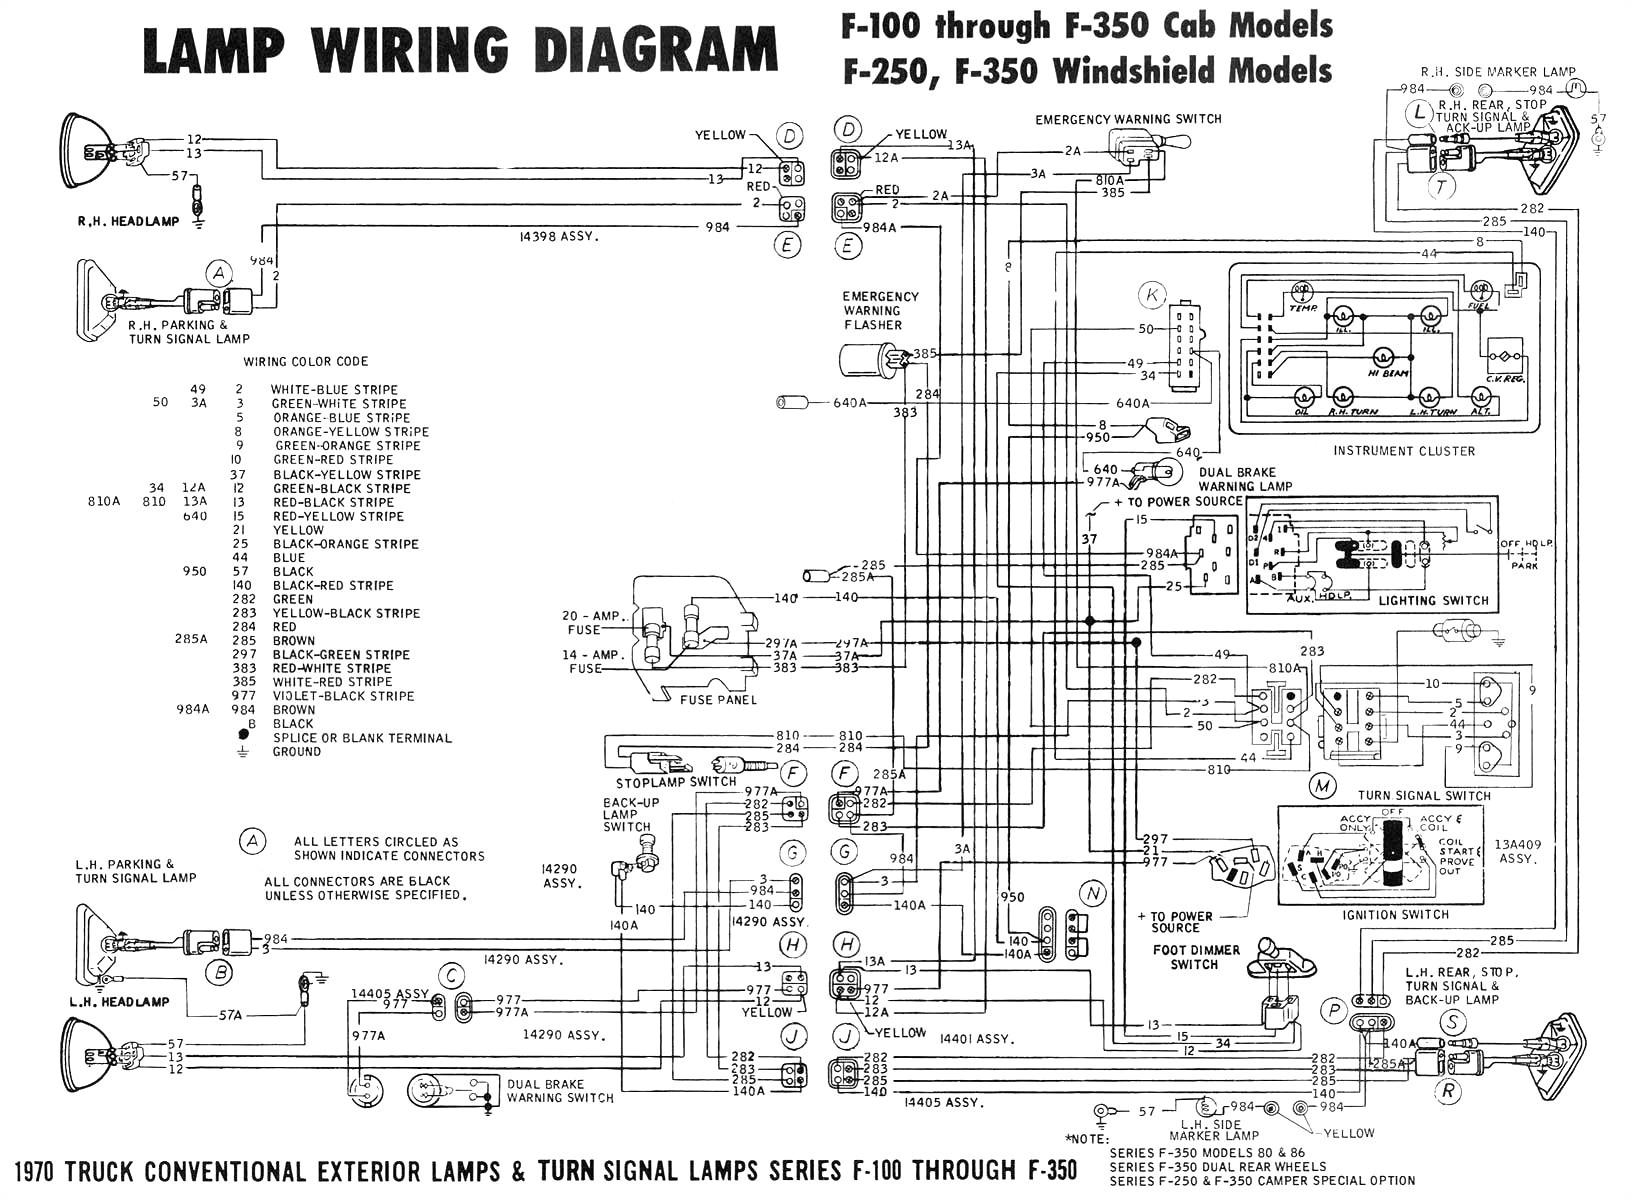 wiring diagram mitsubishi kuda wiring diagram user fuse box mitsubishi kuda wiring diagrams bib wiring diagram